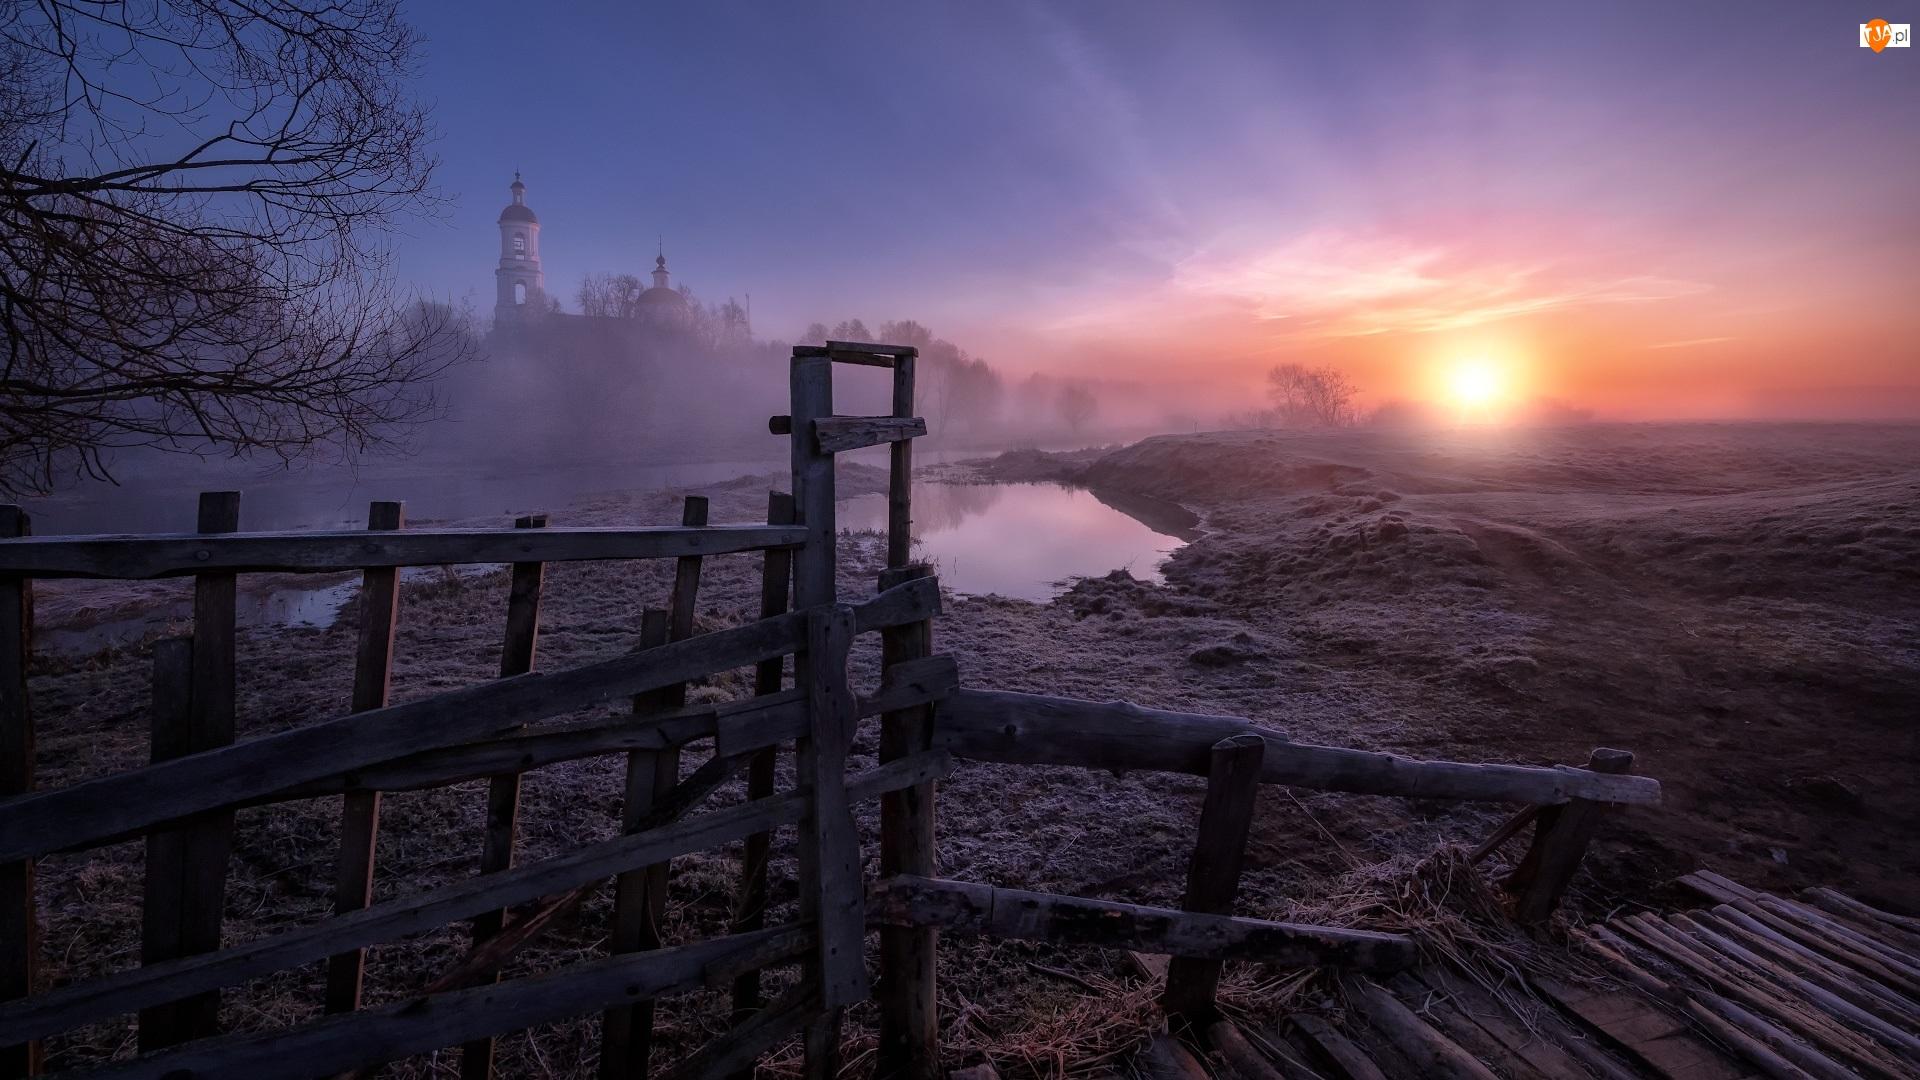 Mgła, Ogrodzenie, Rzeka, Wschód Słońca, Cerkiew